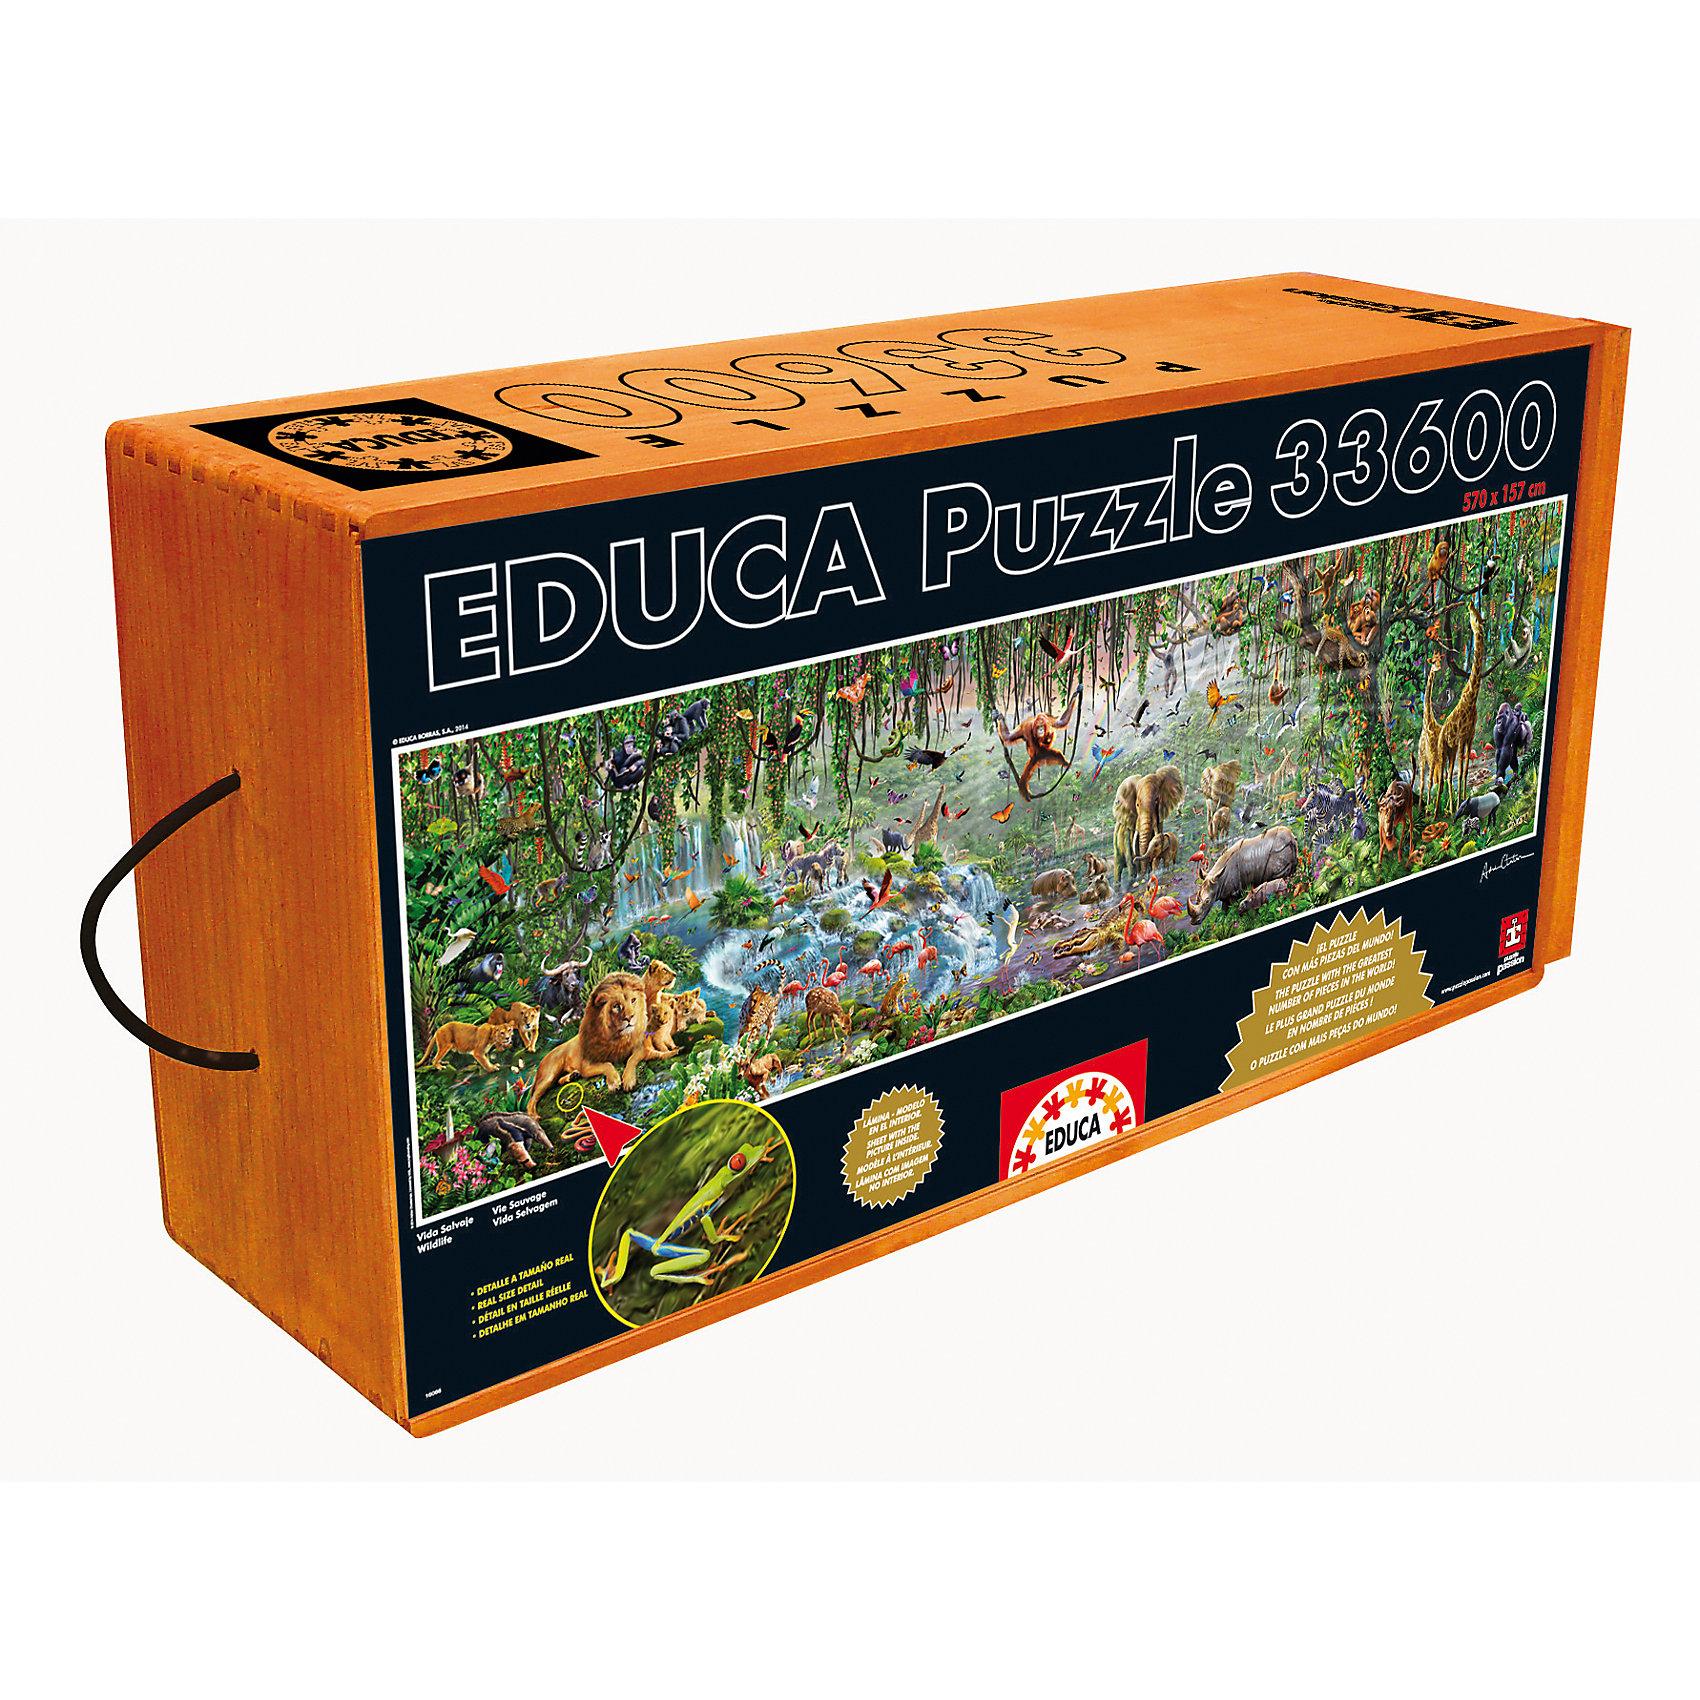 Пазл Джунгли, 33600 деталей, EducaКлассические пазлы<br>Самый большой пазл  мире с количеством деталей 33.600. Размер собранного пазла: 5,7*1,57 м. Пазл от Educa Дикая природа или Джунгли, это самый большой пазл в мире на данный момент. Упакованный в деревянный ящик, внутри которого 10 коробок по 3360 деталей, этот пазл станет не просто подарком, а знаменательным событием.<br><br>Ширина мм: 780<br>Глубина мм: 380<br>Высота мм: 213<br>Вес г: 20000<br>Возраст от месяцев: 144<br>Возраст до месяцев: 2147483647<br>Пол: Унисекс<br>Возраст: Детский<br>SKU: 5478579